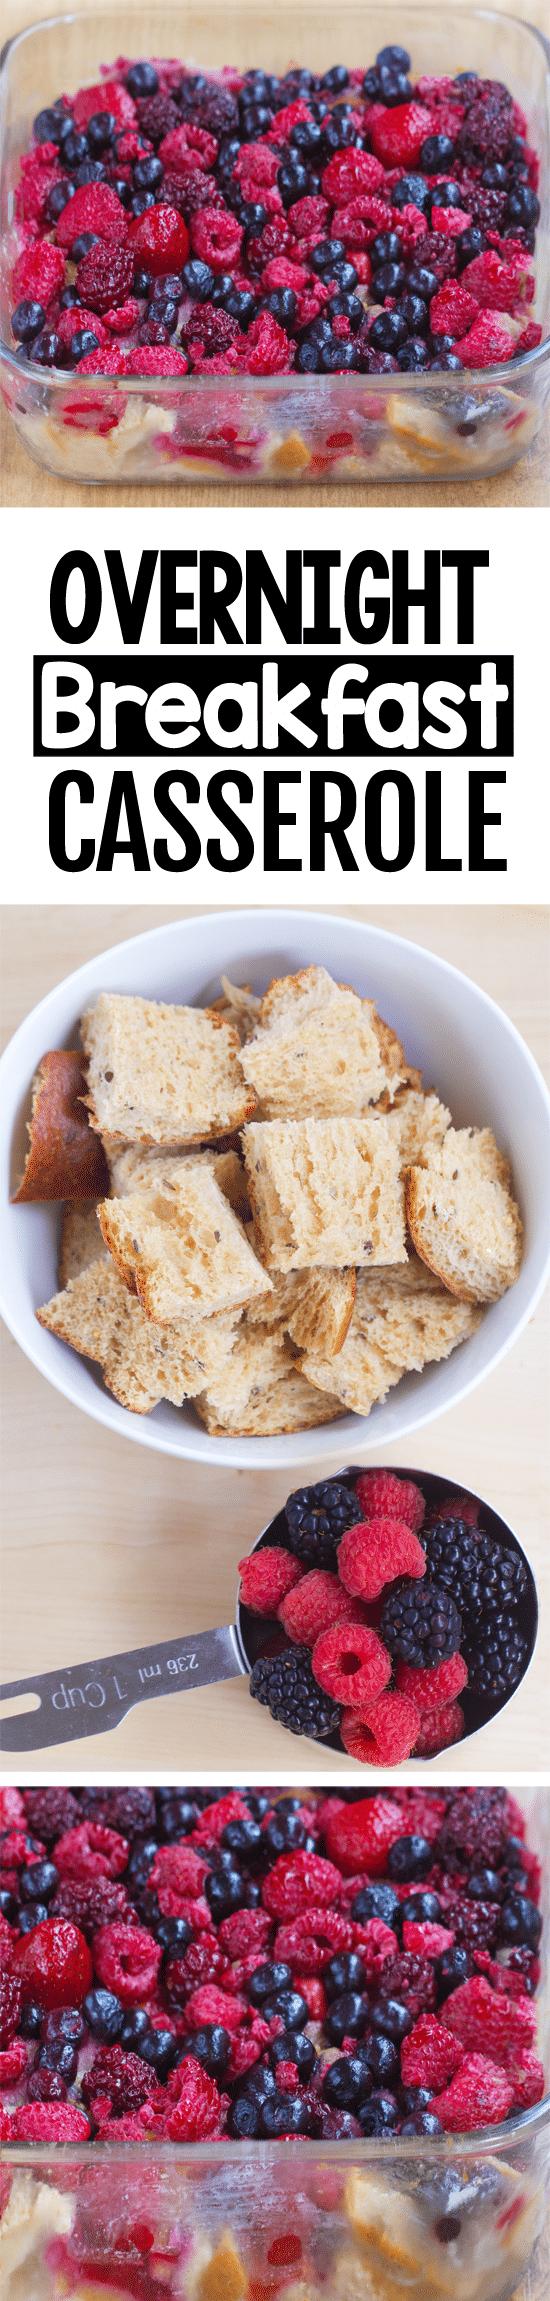 Easy Healthy Overnight Breakfast Casserole Recipe